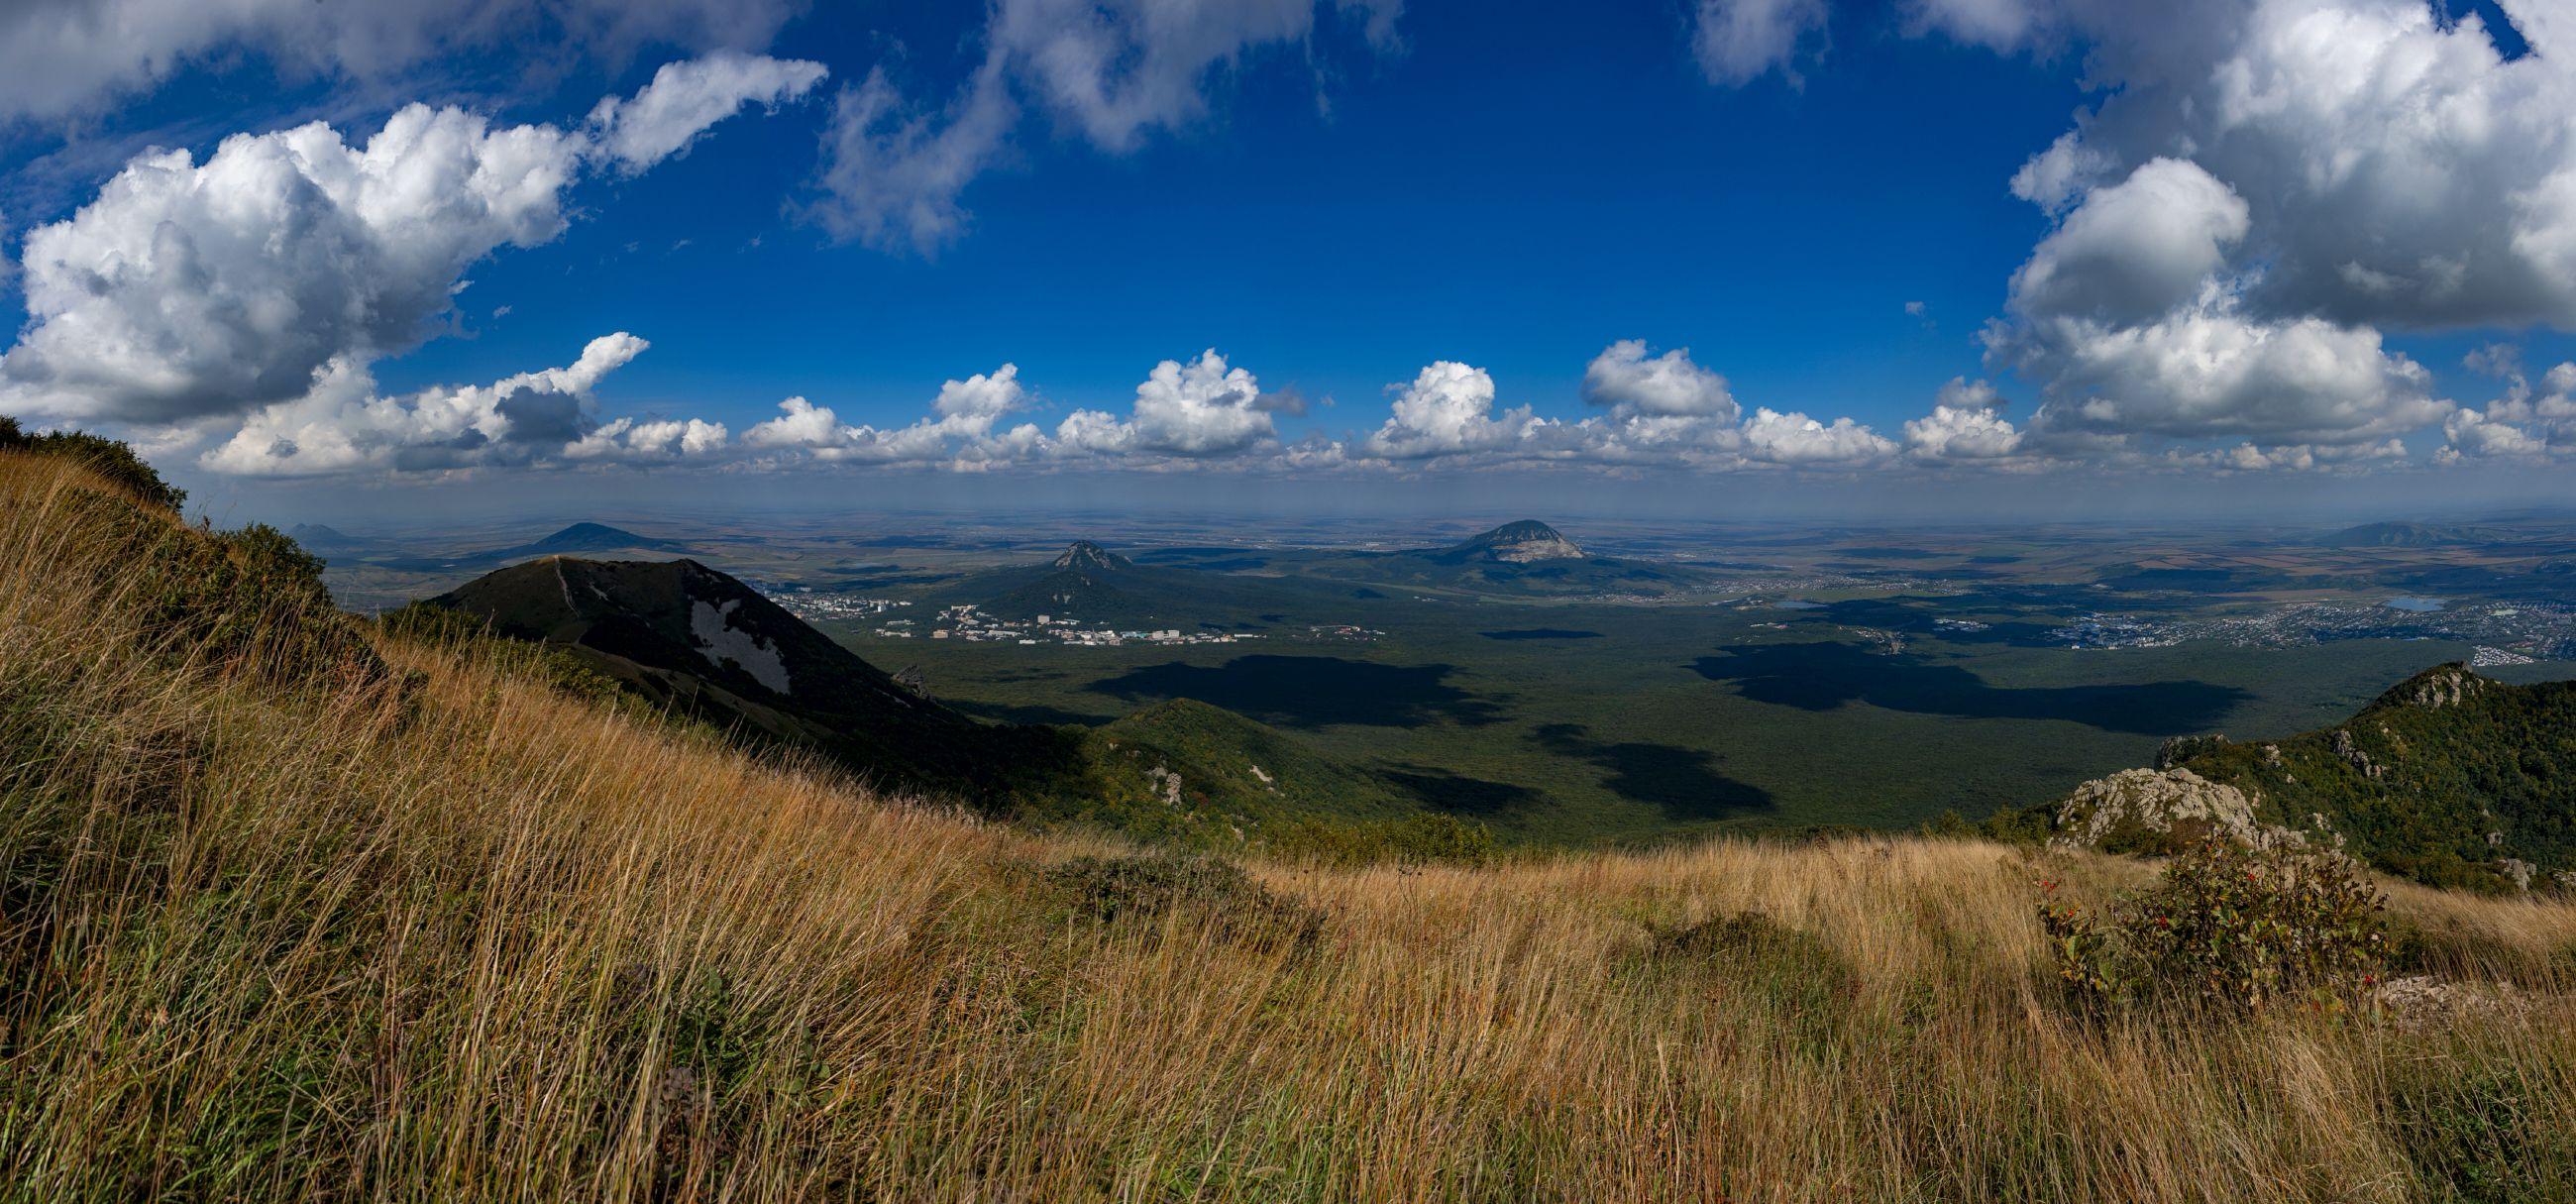 сентябрь,облака,бештау,полдень,панорама,пейзаж, Елена Брежицкая